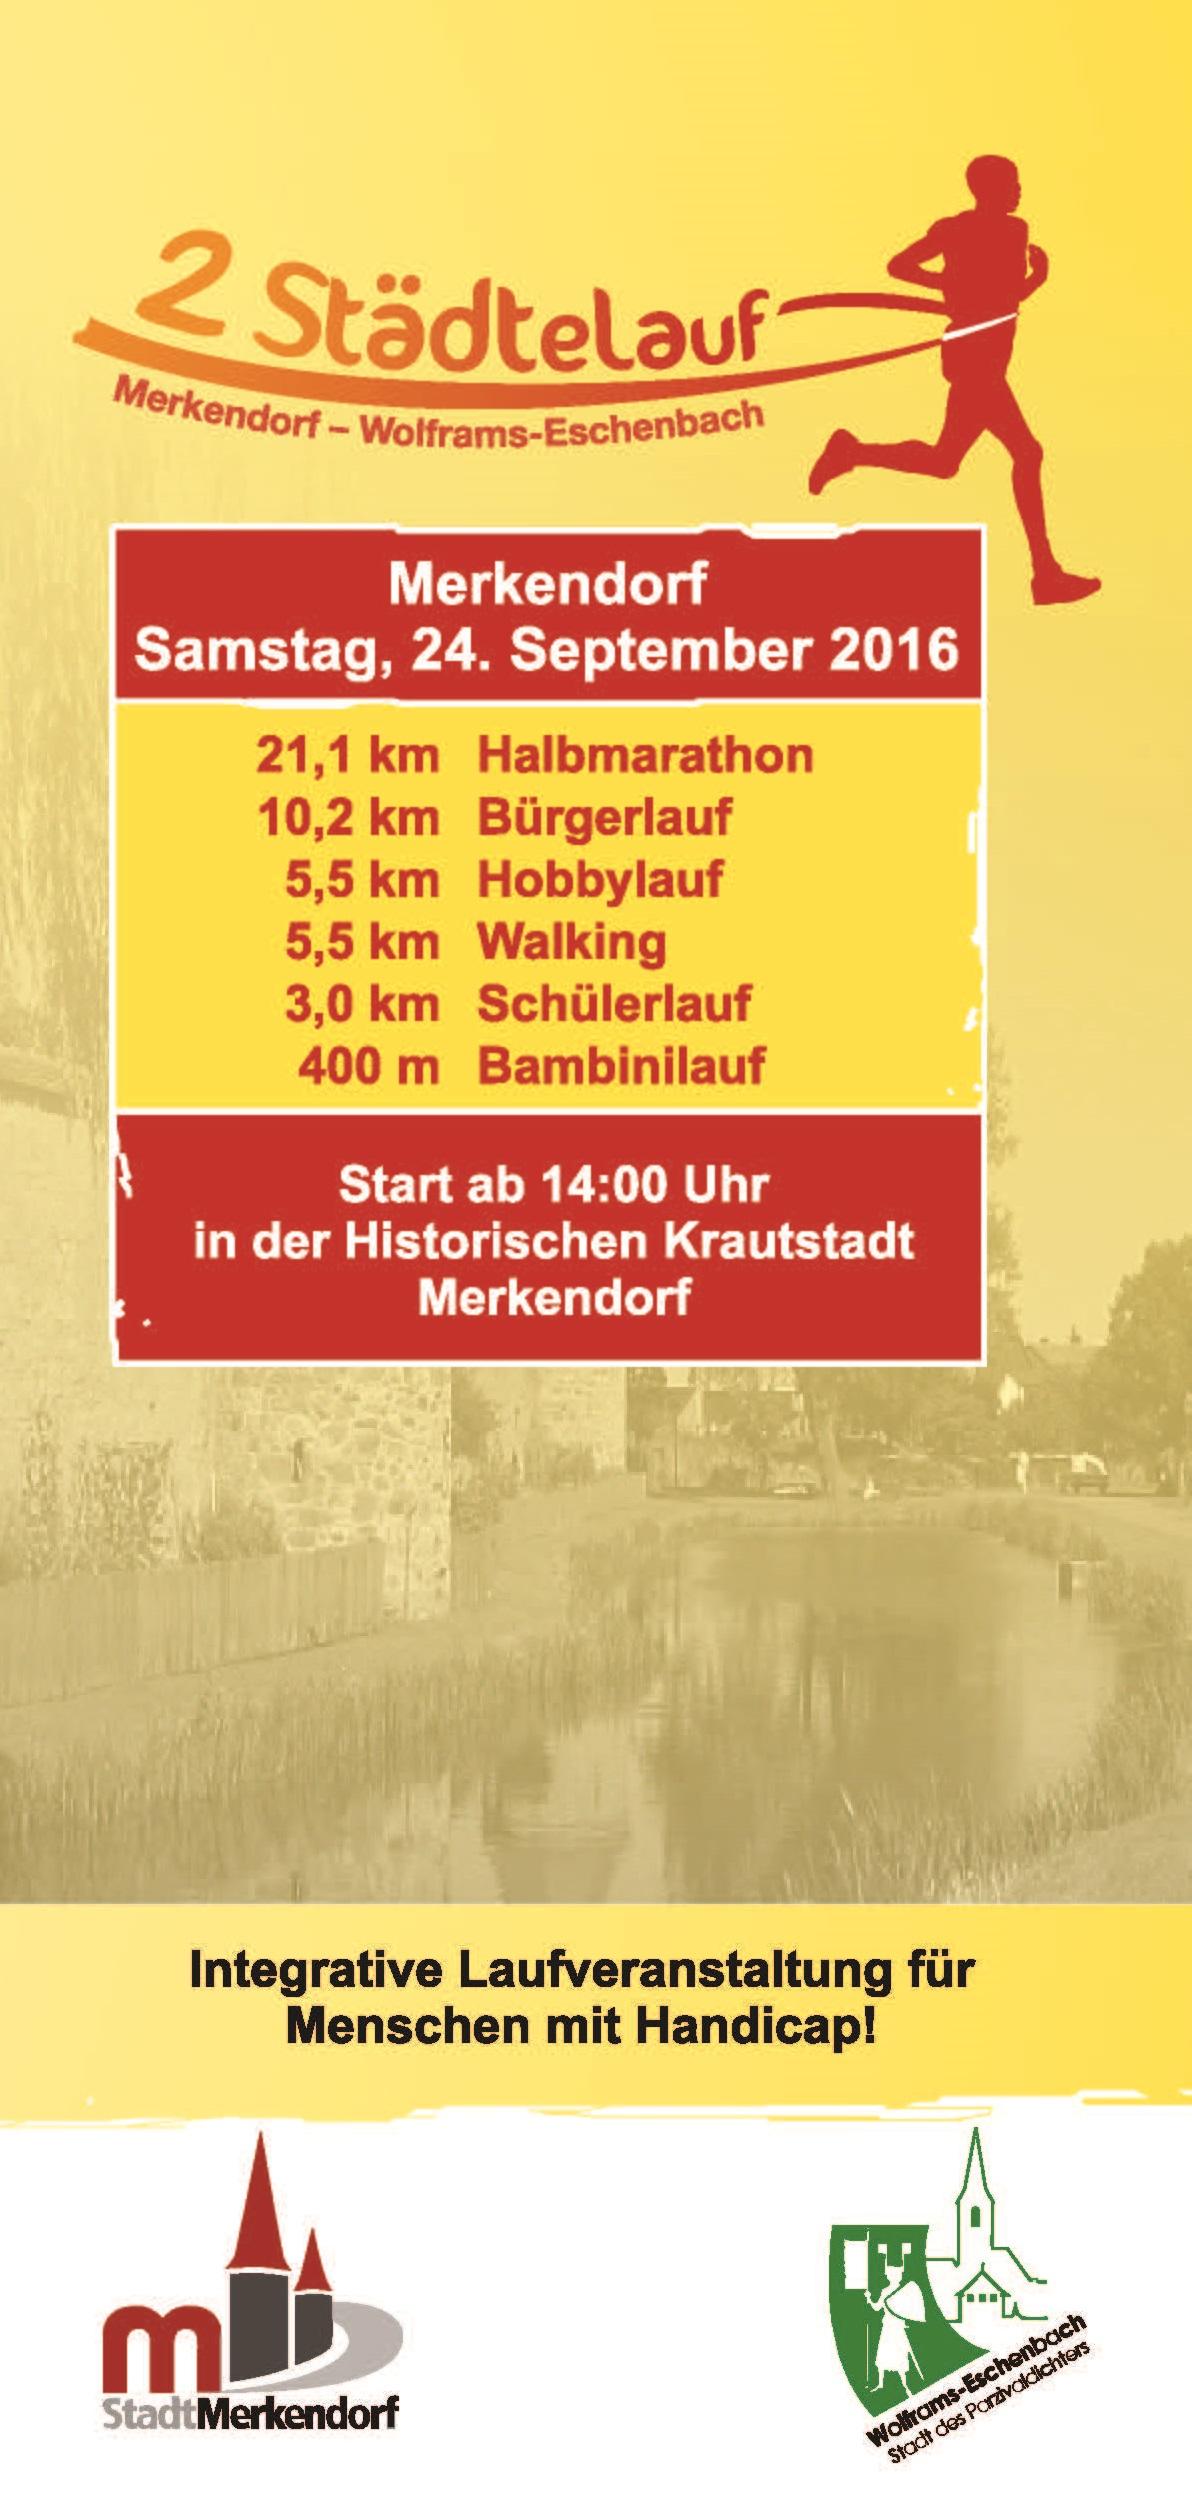 Zwei-Städte-Lauf